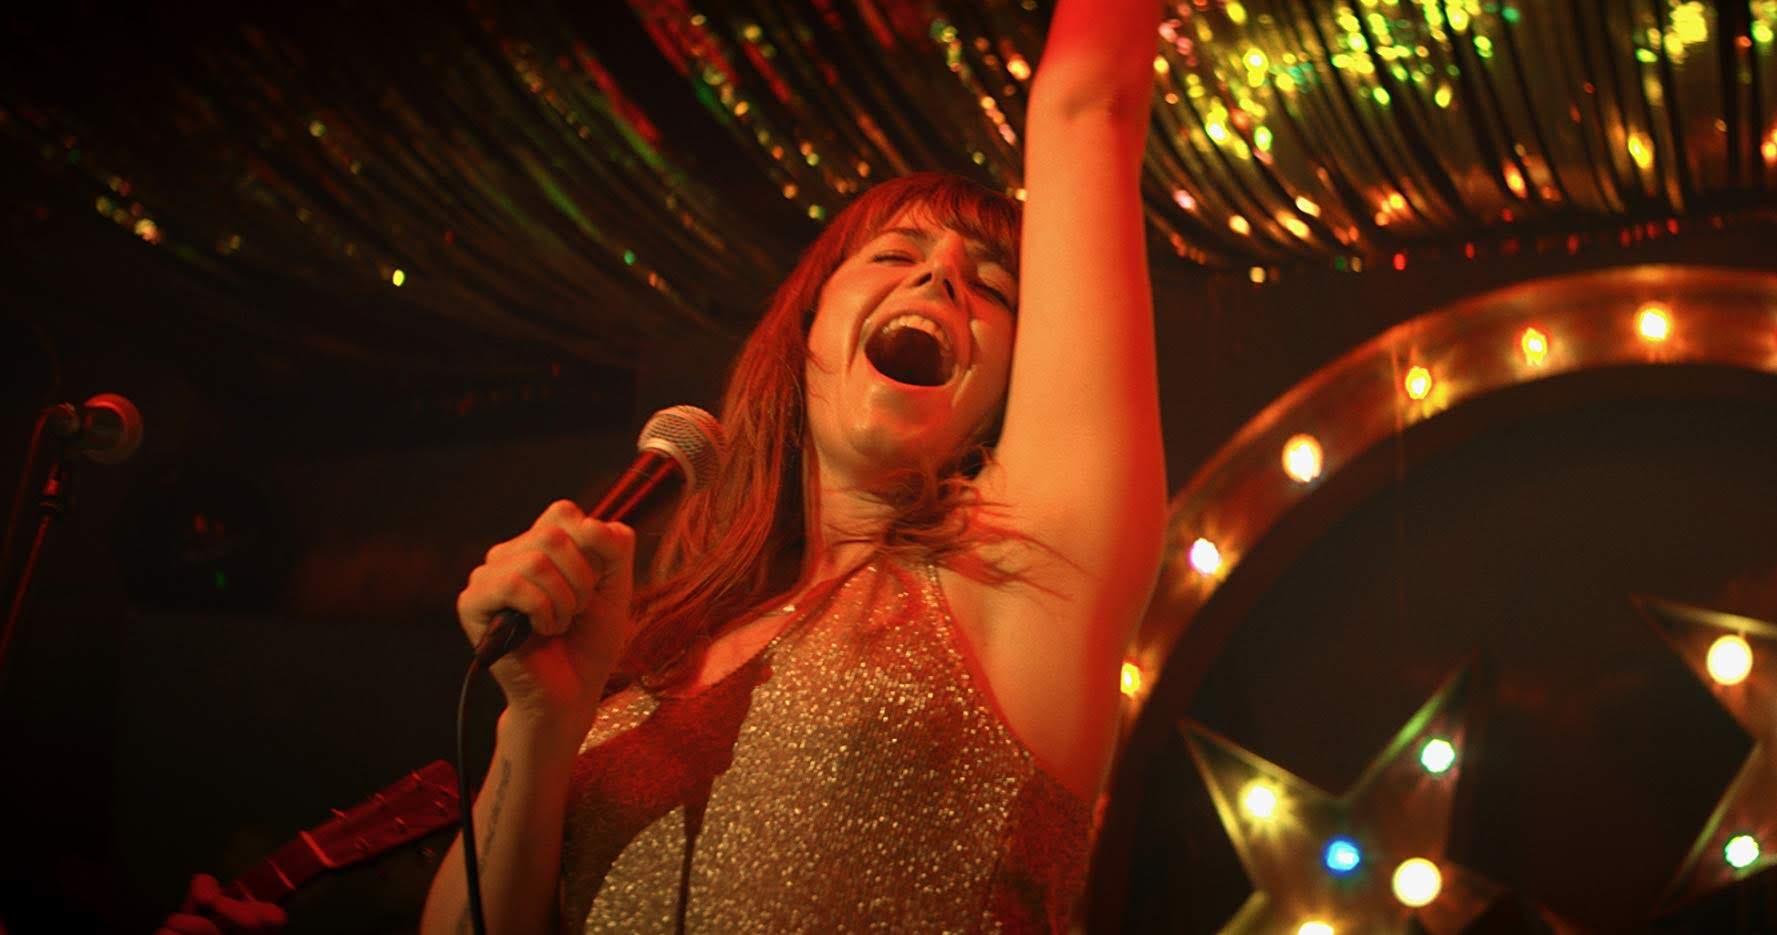 Wild Rose : アメリカのカントリー・ミュージックの本場ナッシュビルで、歌手として成功したいと夢見るムショ帰りのシンママの悪戦苦闘を描いたイギリス発のドラメディの佳作「ワイルド・ローズ」の予告編 ! !